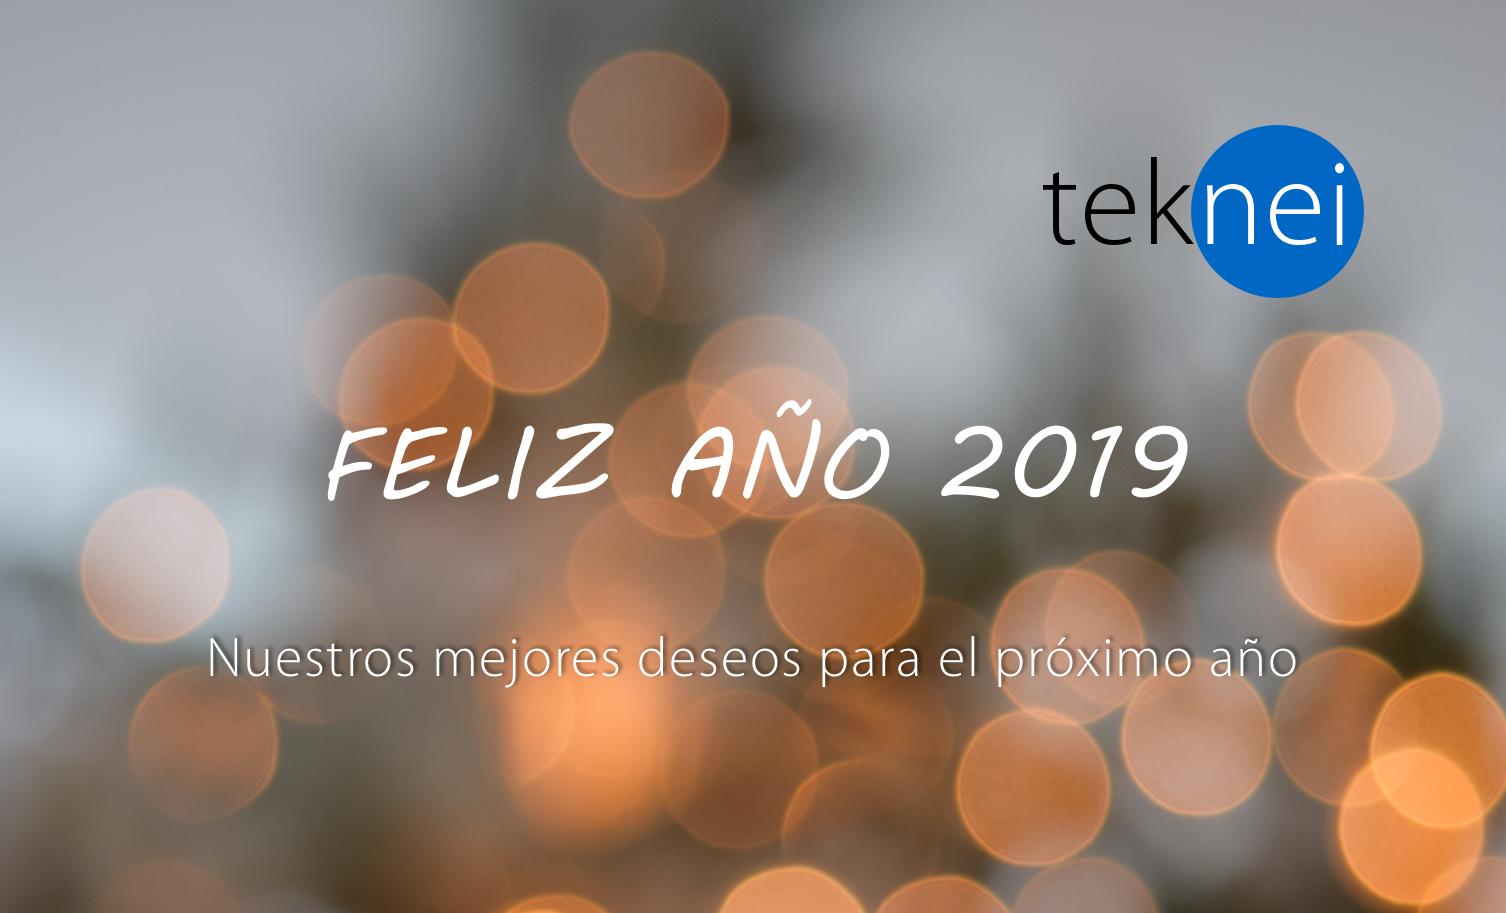 Felicitación teknei año 2019